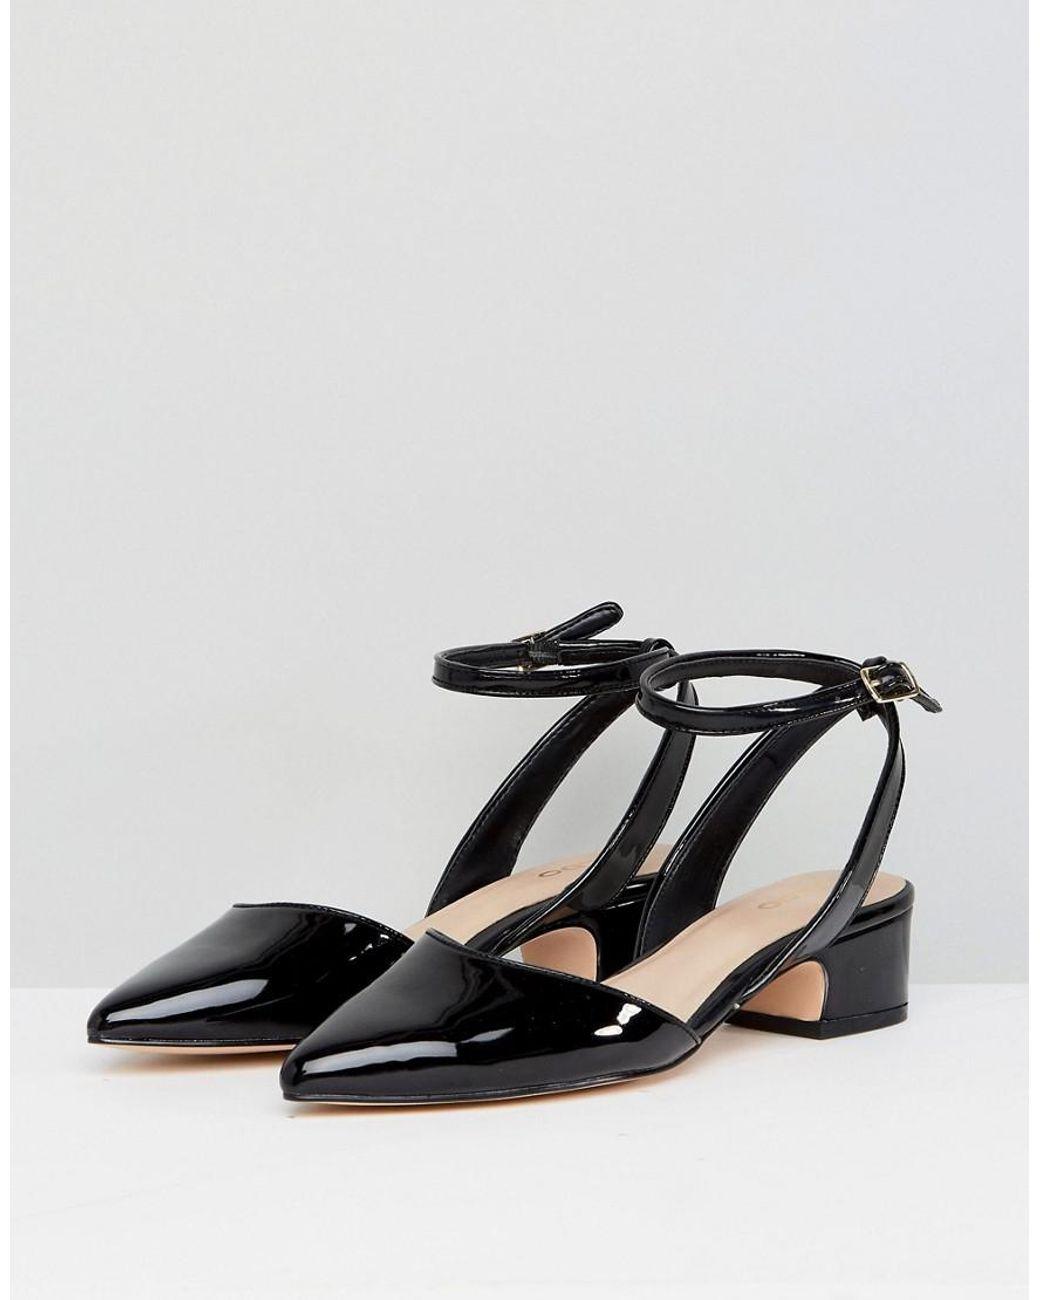 00387ca1cb9 Lyst - ALDO Zewiel Low Heel Pointed Shoe In Black in Black